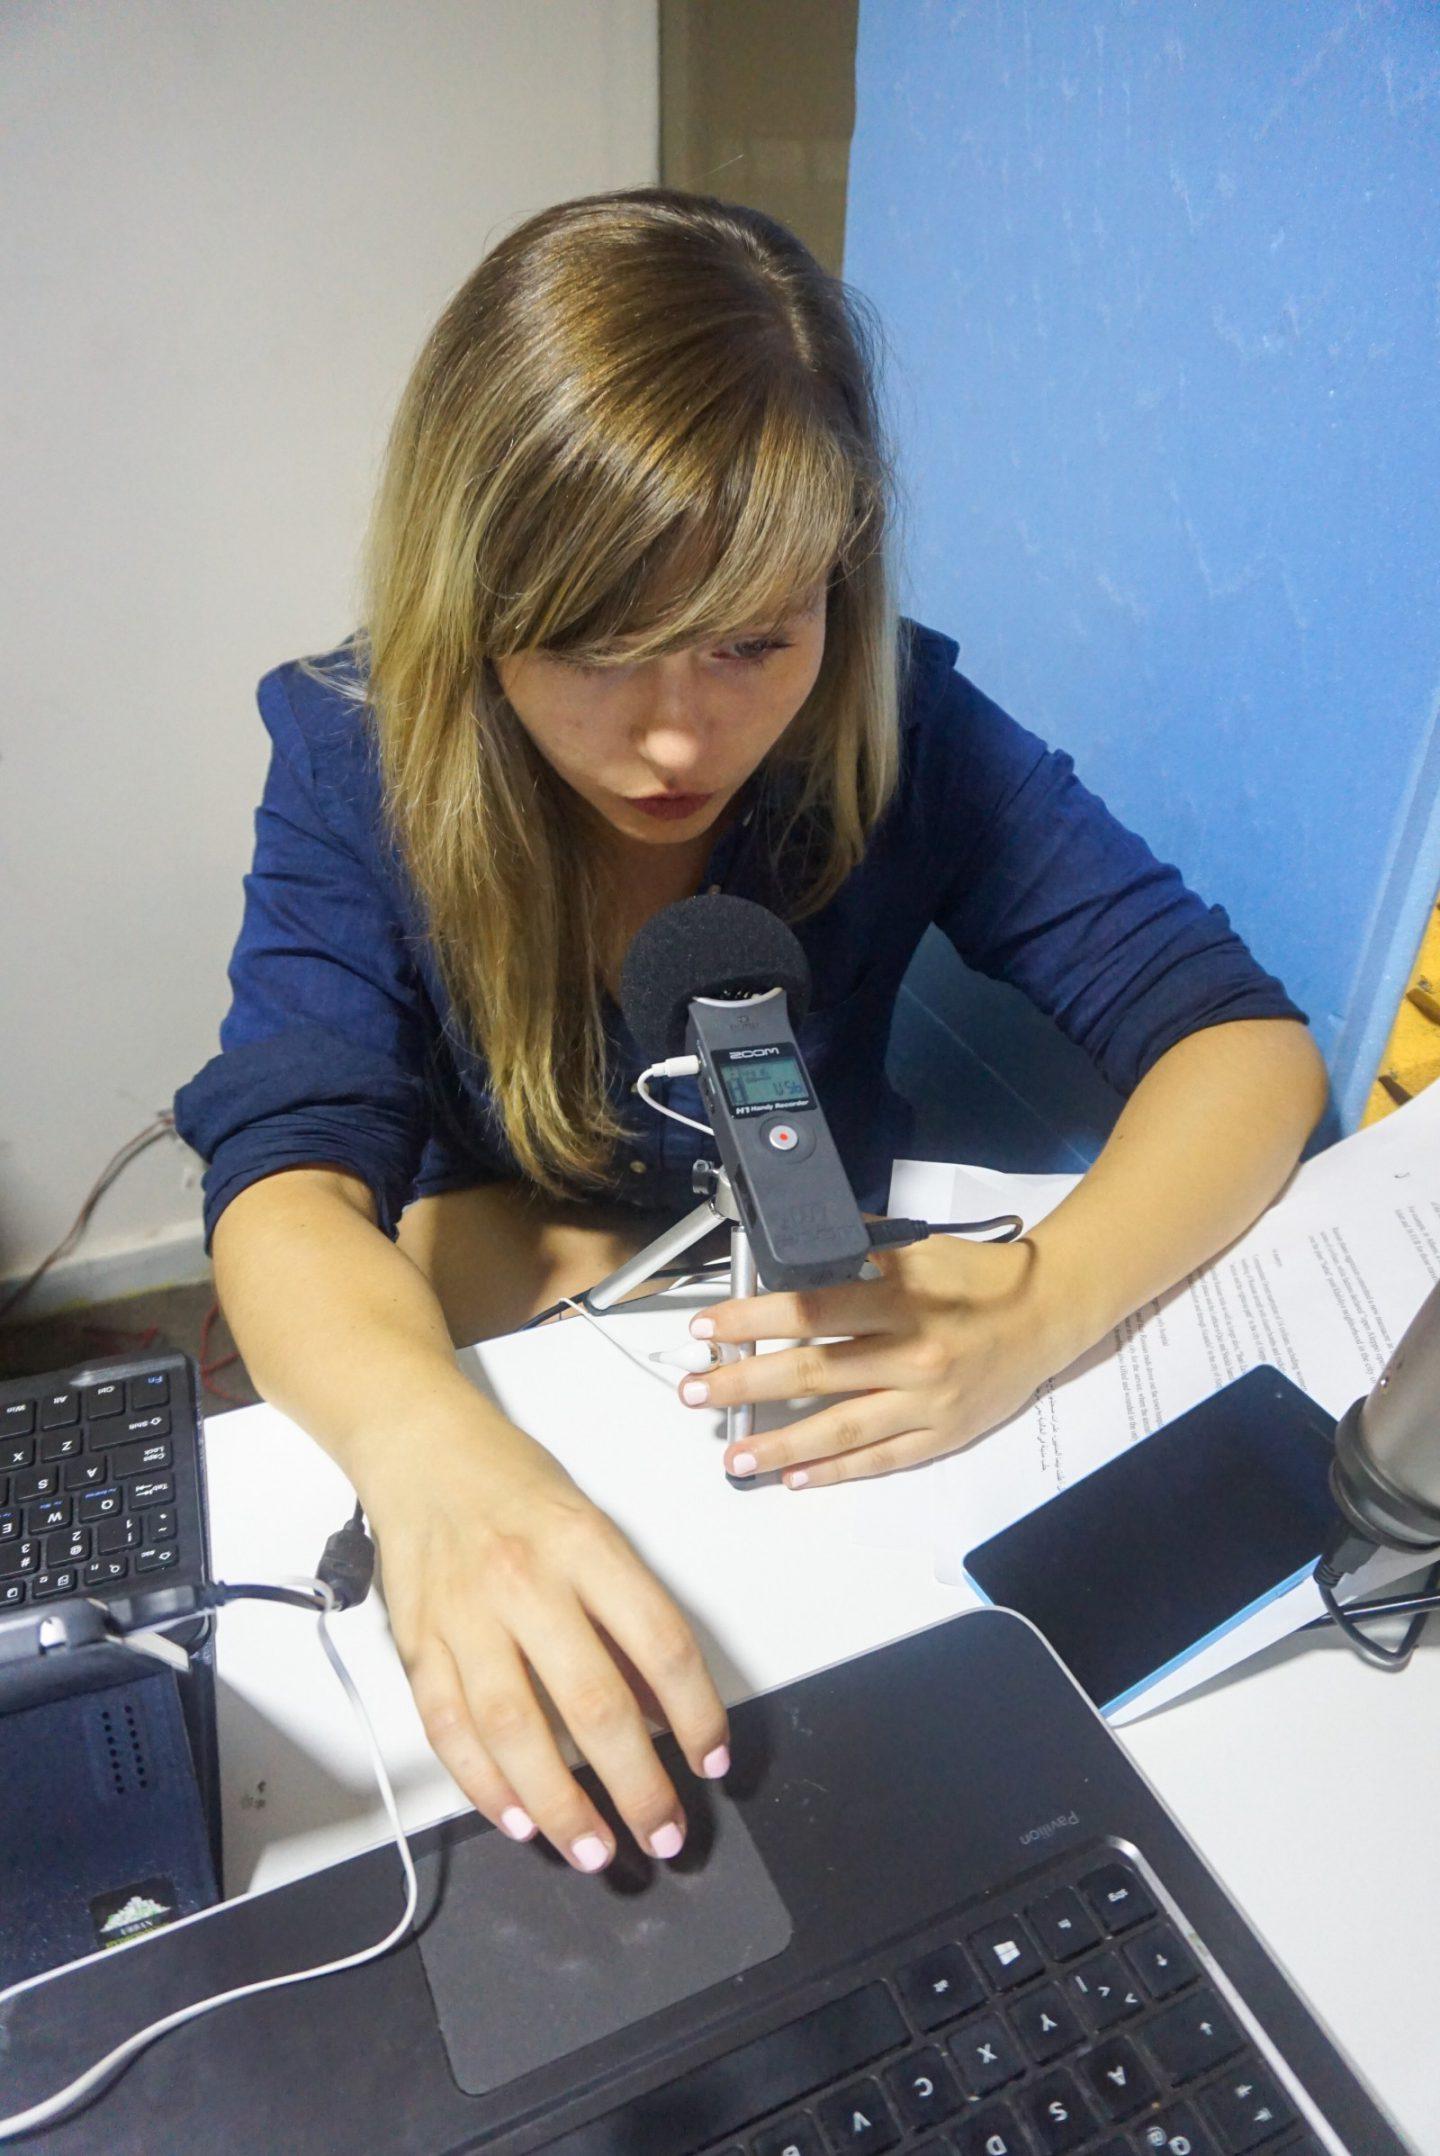 06_Stéphanie en train de présenter les news en anglais